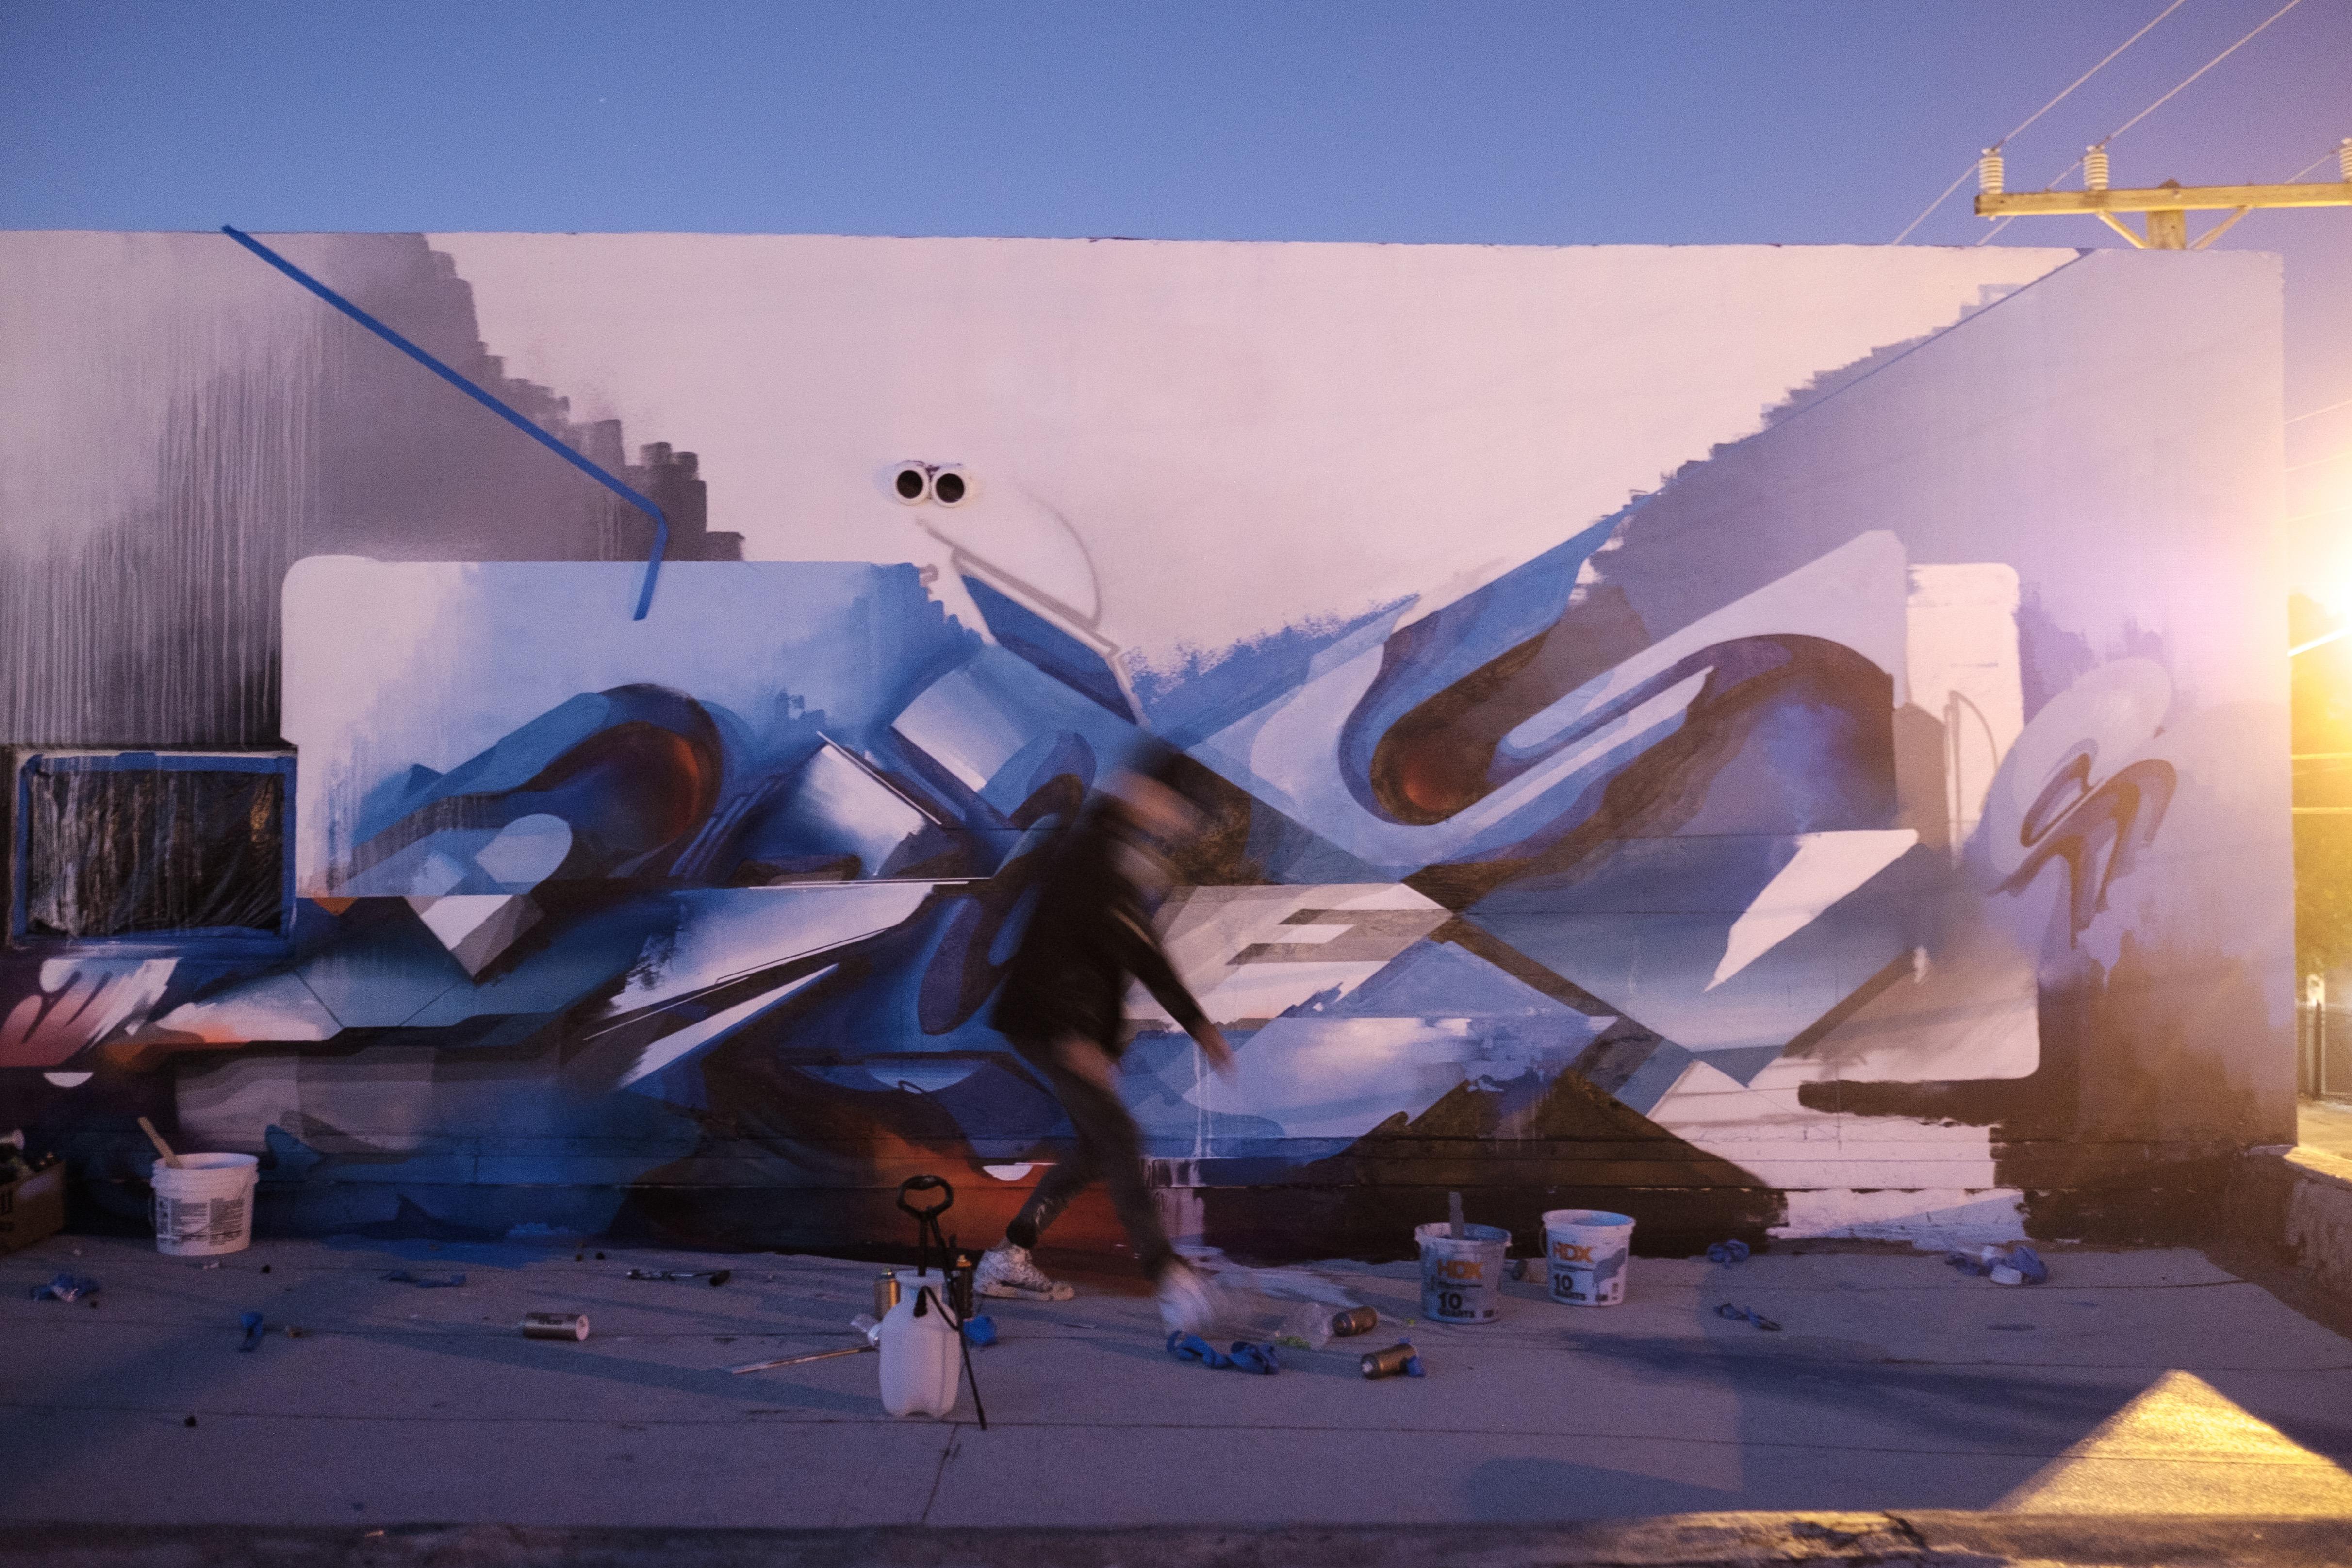 A work by Does - Art Basel Week at Wyn317 by G A Y A M A N